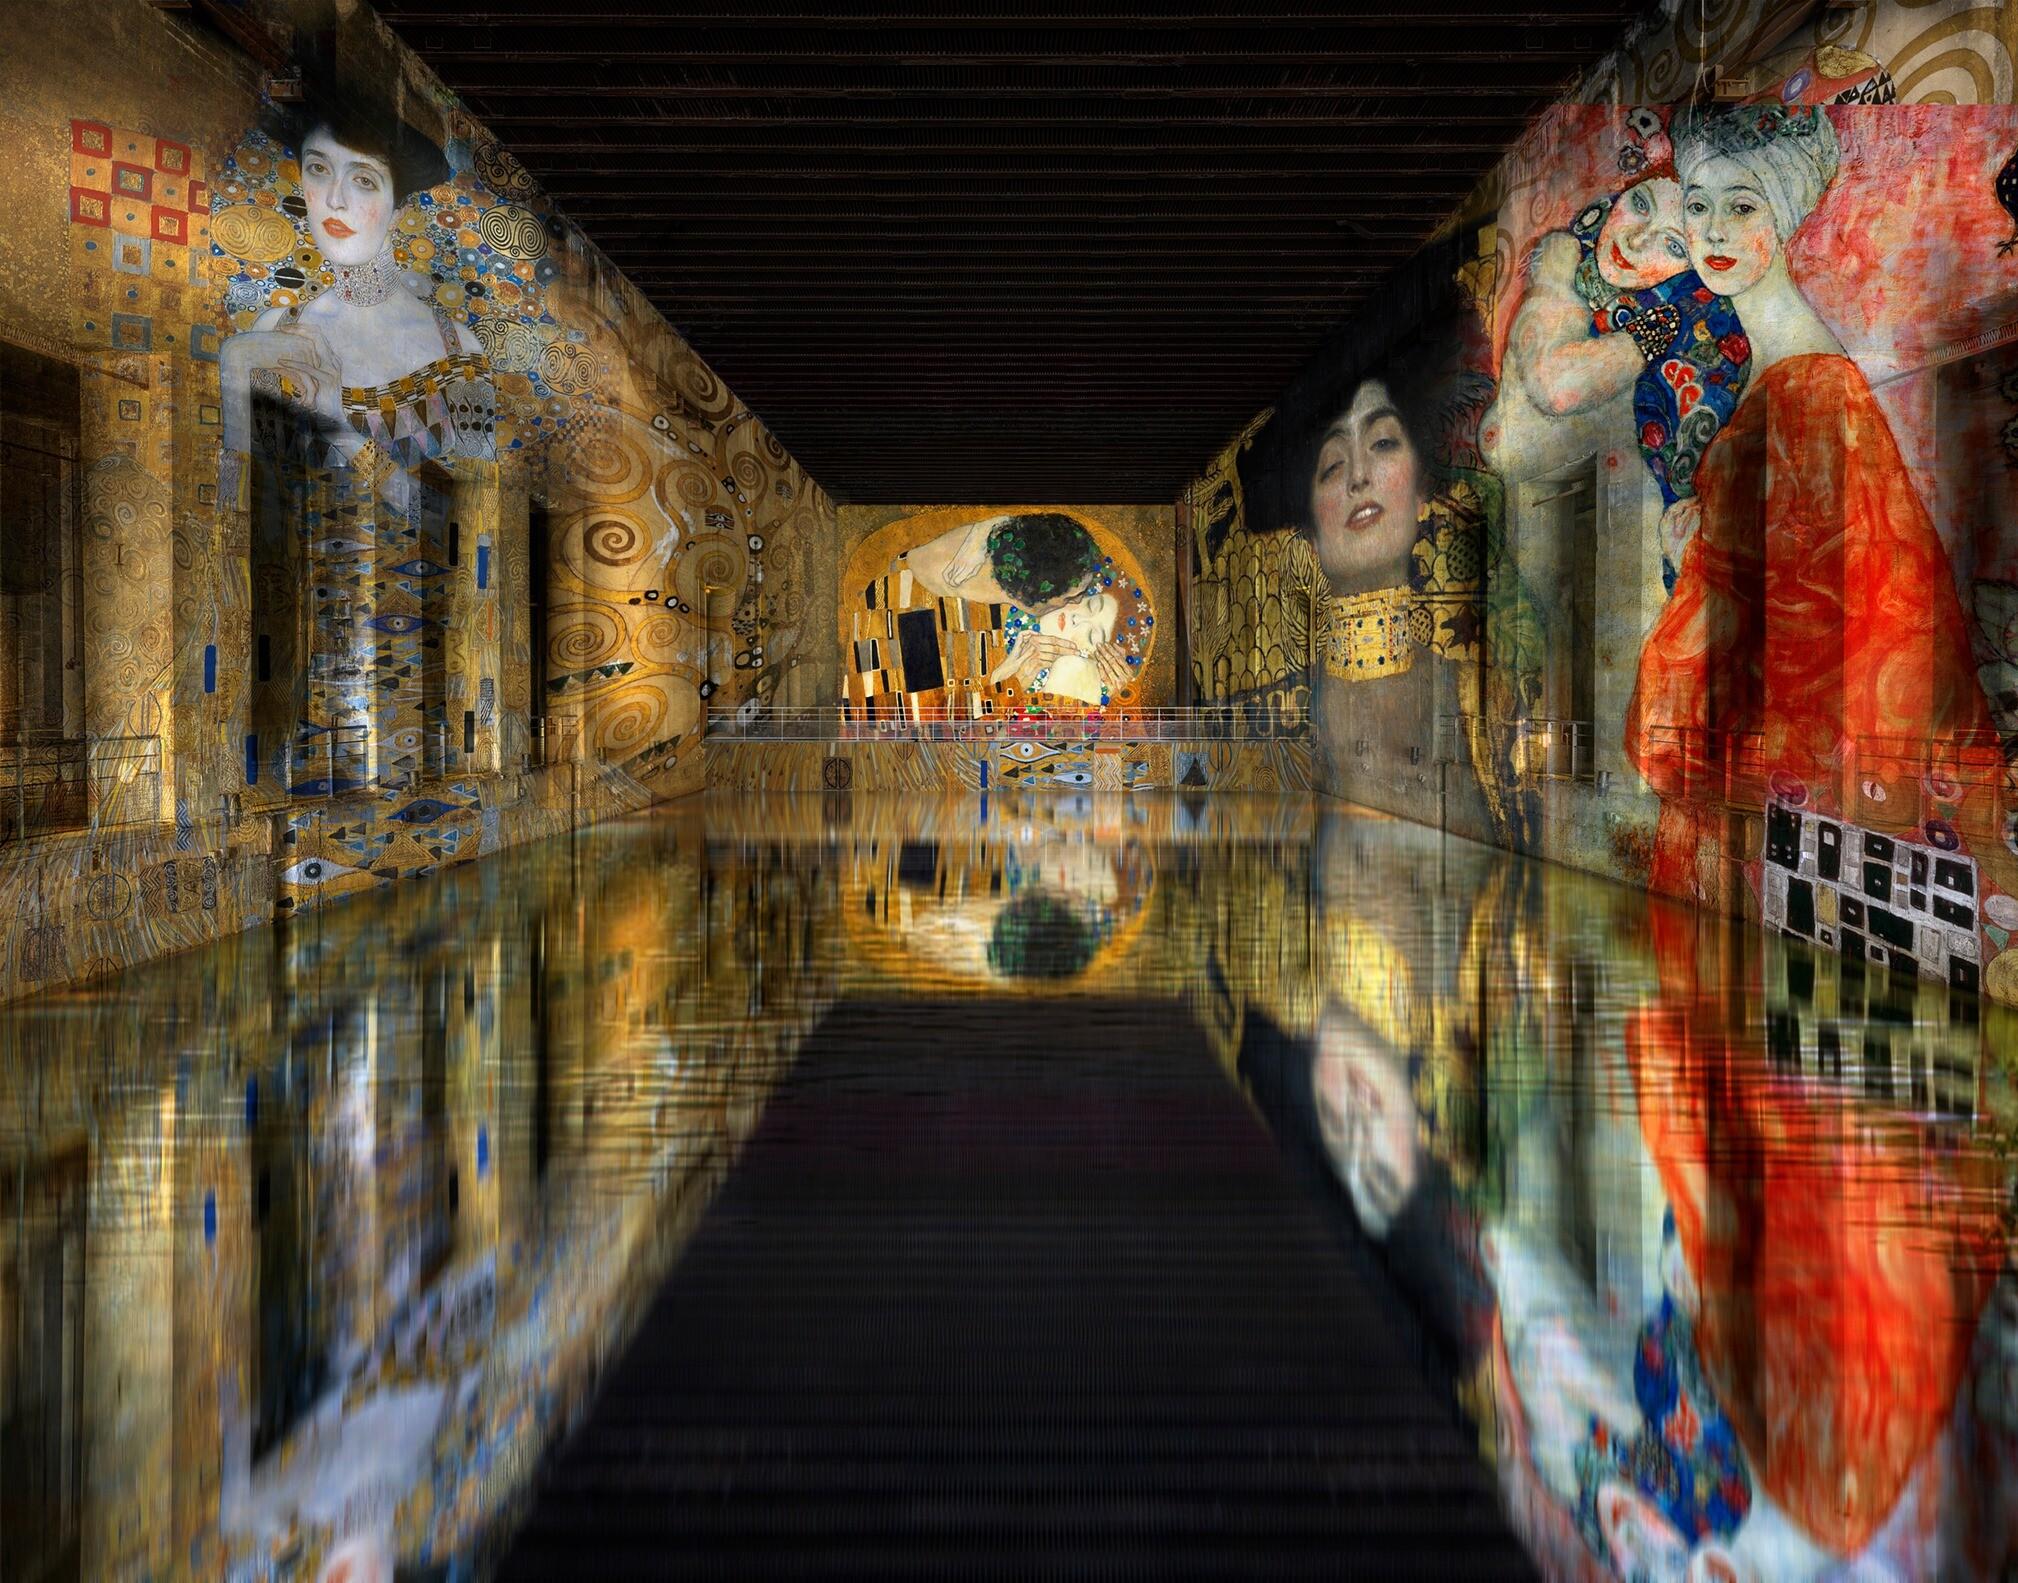 水面を照らすクリムト。第二次世界大戦時の巨大潜水艦基地を世界最大のデジタルアート空間に(フランス)